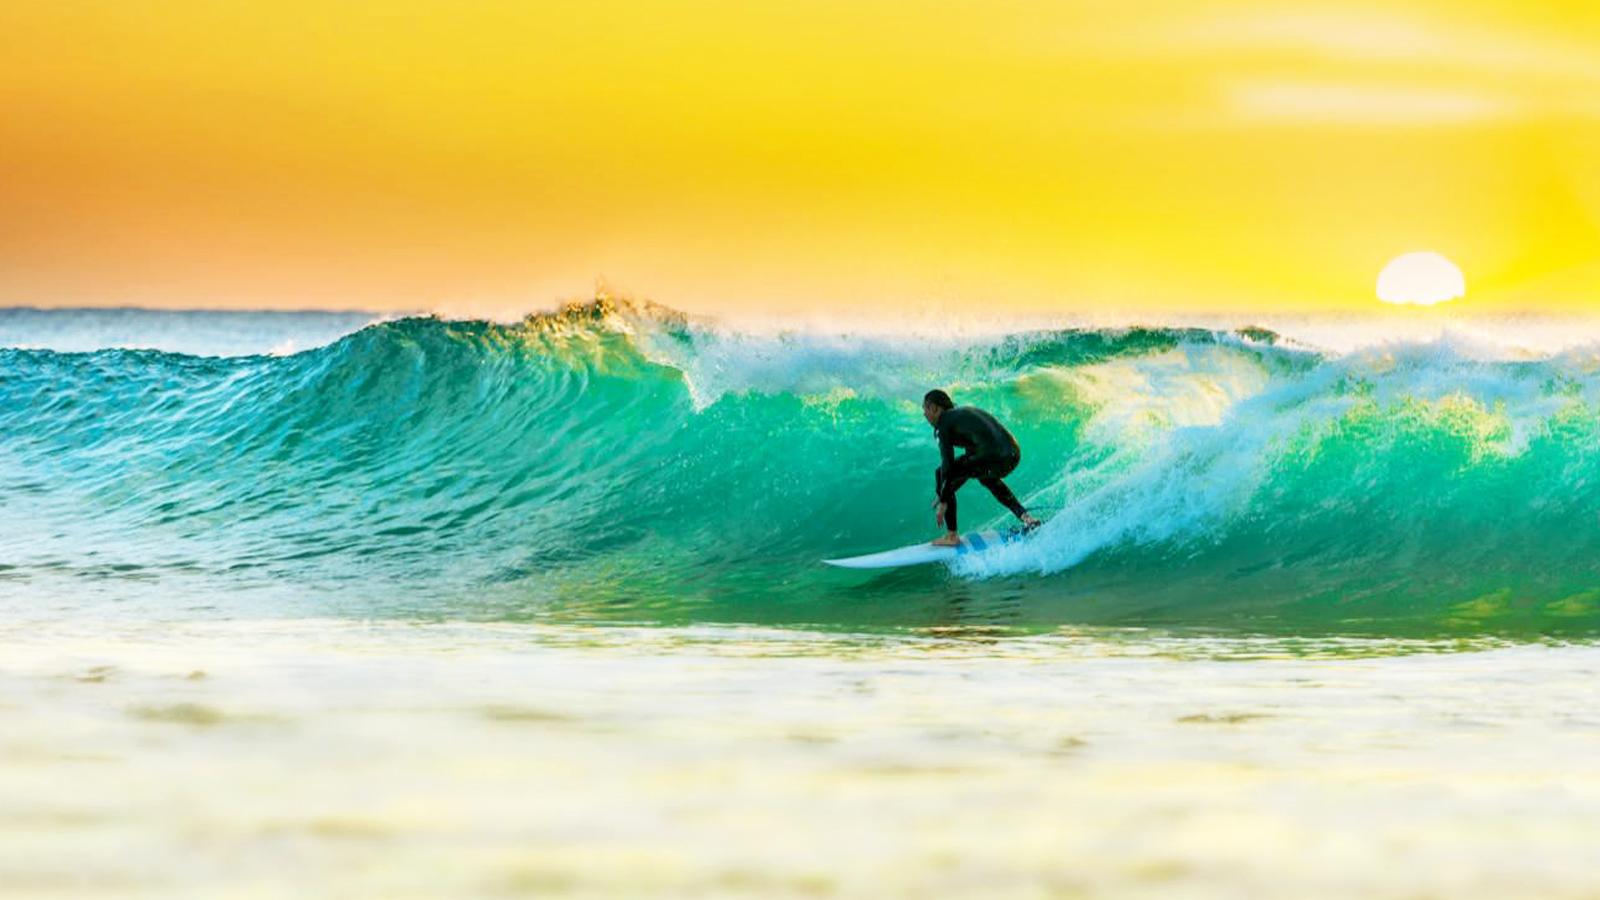 Surfen an der Ostküste Australien Reisen für junge Leute traveljunkies